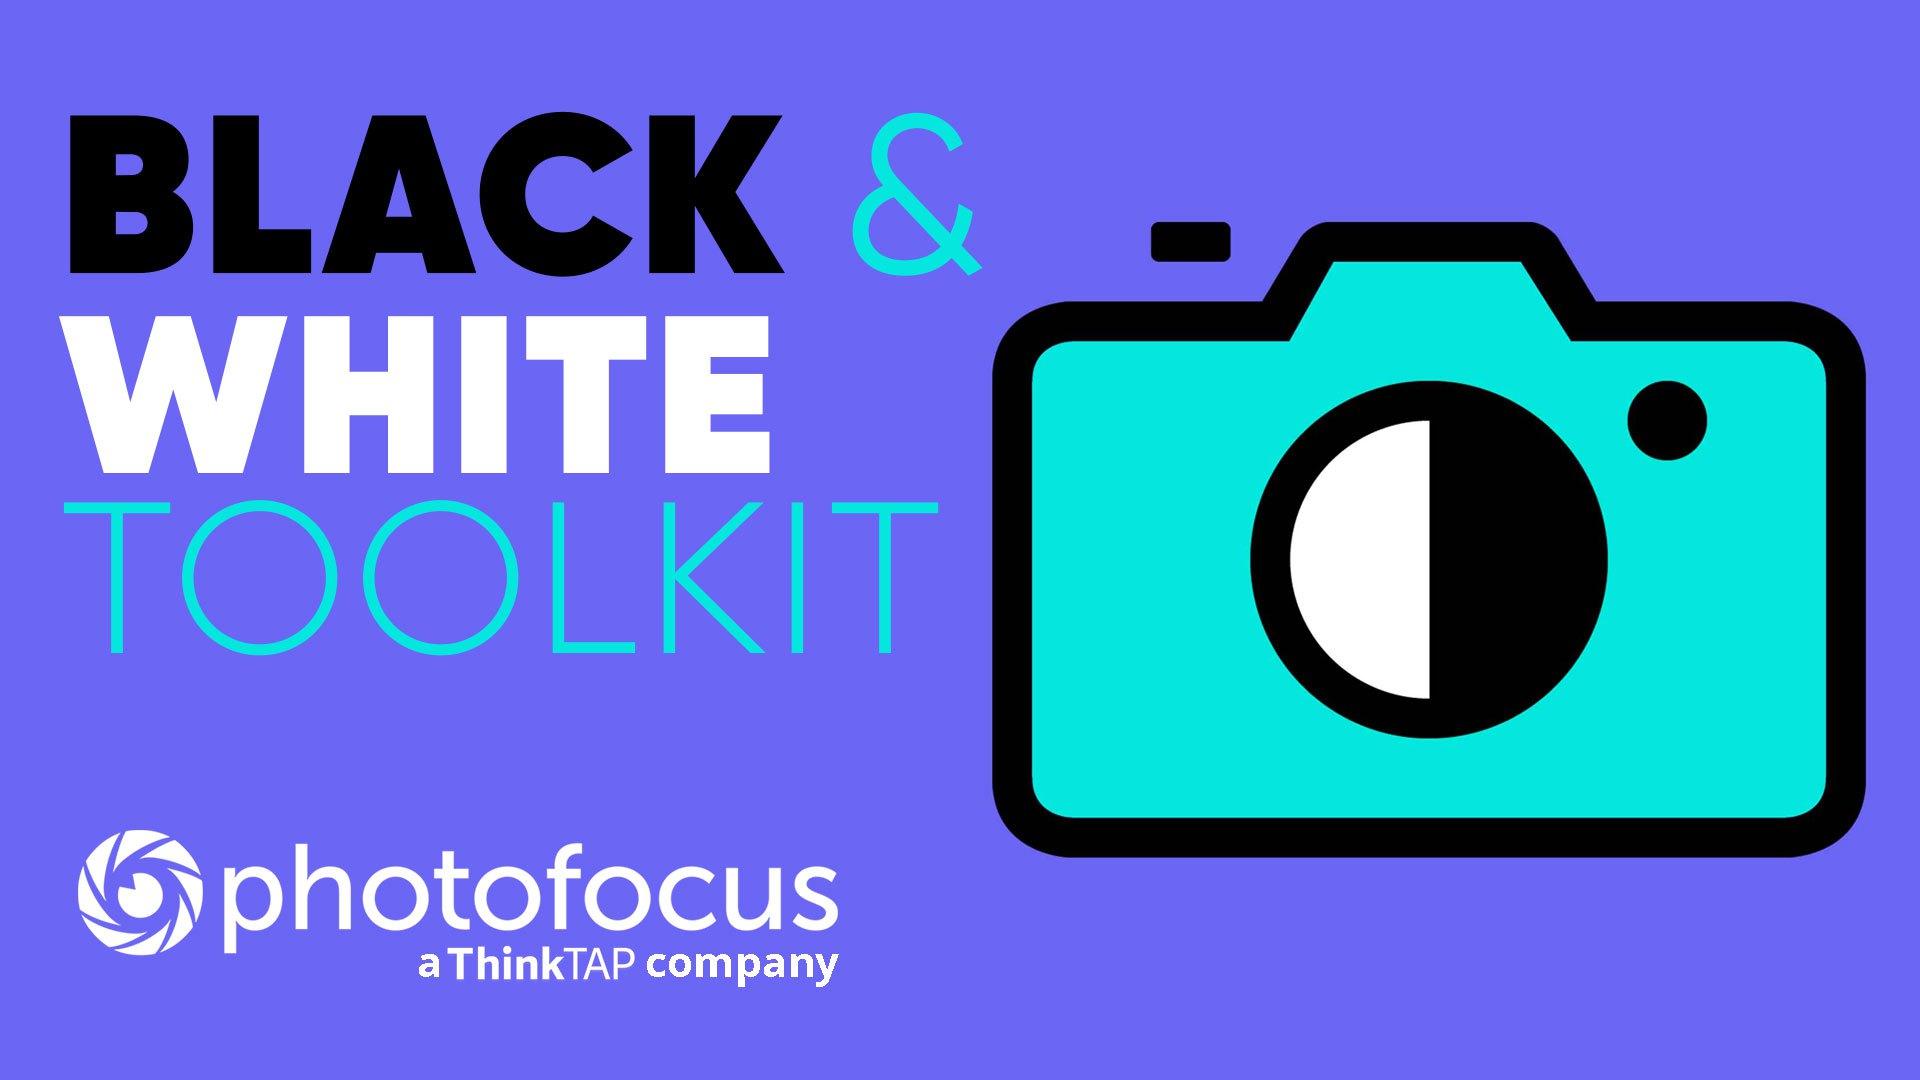 Black & White Toolkit